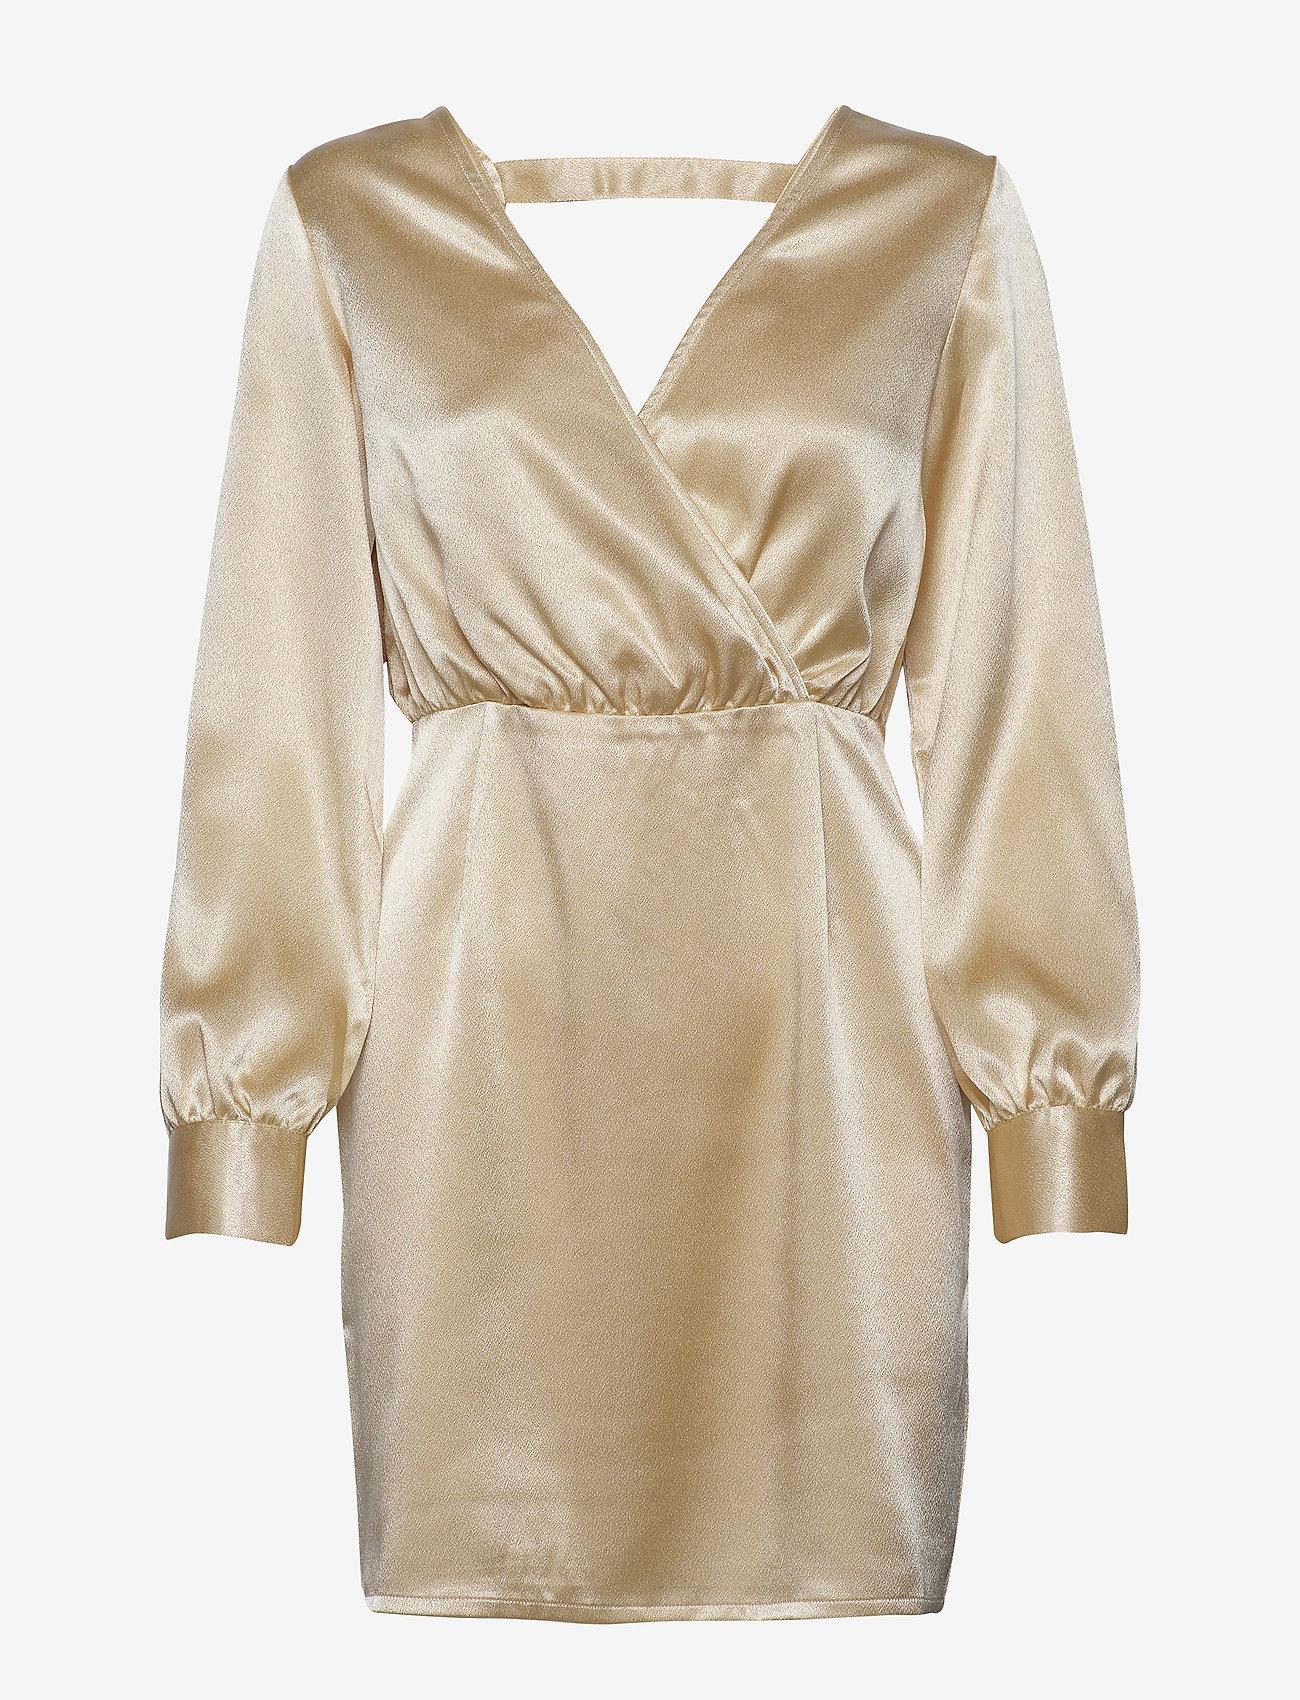 Ivyrevel - V NECK DRAPY DRESS - robes courtes - gold - 0